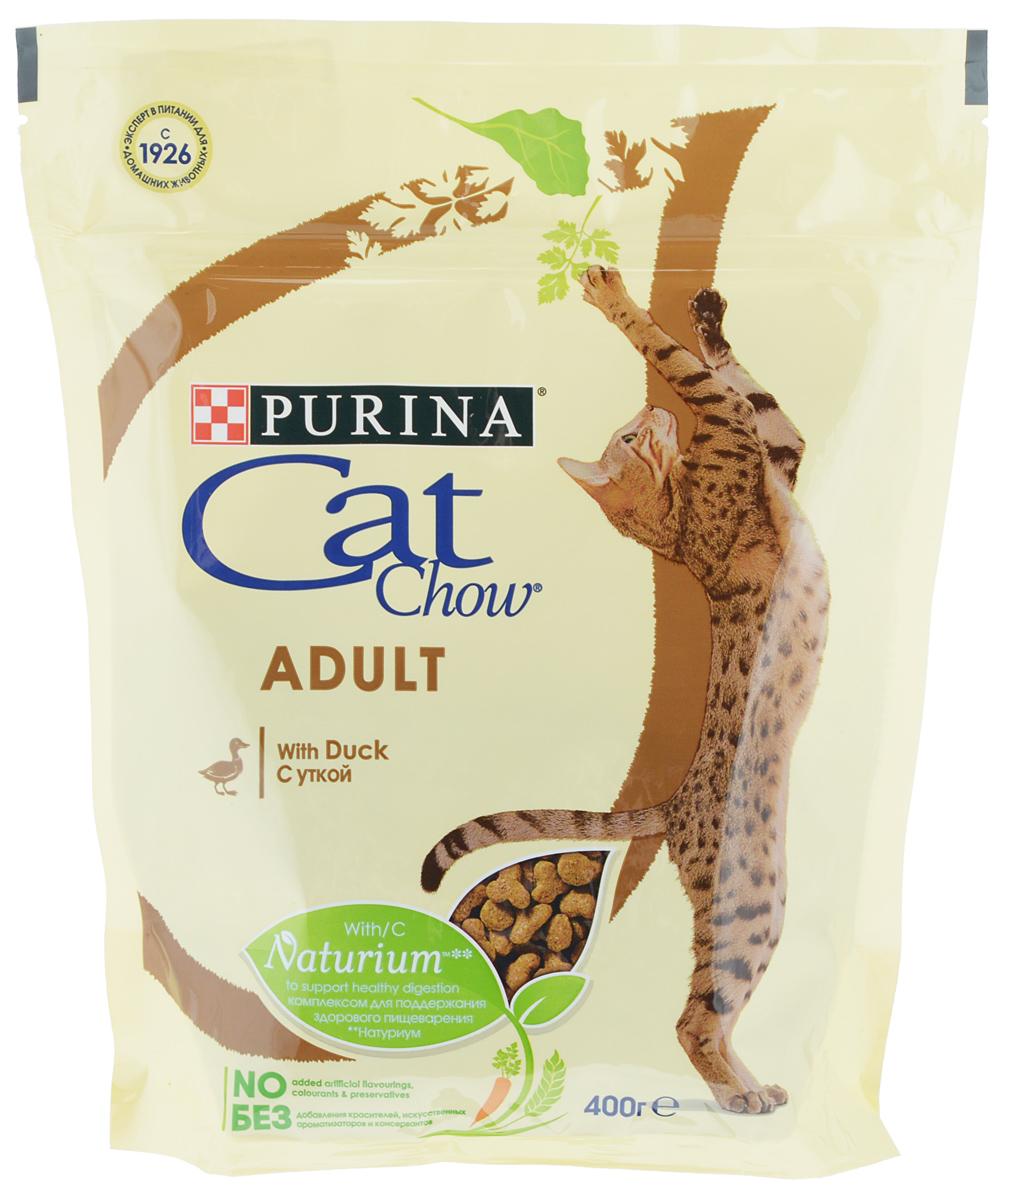 Корм сухой для кошек Cat Chow Adult, с уткой, 400 г0120710Сухой корм Cat Chow Adult - полнорационный сбалансированный корм для взрослых кошек. Корм Cat Chow Adult тщательно разработан: без добавления искусственных ароматизаторов, красителей и консервантов.Рецептура с уткой имеет специально отобранные по качеству источники протеина, чтобы удовлетворить естественные потребности кошек. Бережно приготовлено с натуральными ингредиентами (петрушка, шпинат, морковь, цельные зерна злаков, цикорий и дрожжи) для придания особого аромата, который кошки выбирают инстинктивно.Комплекс Naturium в кормах Cat Chow — это особое сочетание волокон природного происхождения. Он включает источник натурального пребиотика, который, как было доказано, улучшает баланс микрофлоры кишечника и поддерживает здоровье пищеварительной системы кошки. Это позволяет ей питаться с большей пользой.Товар сертифицирован.